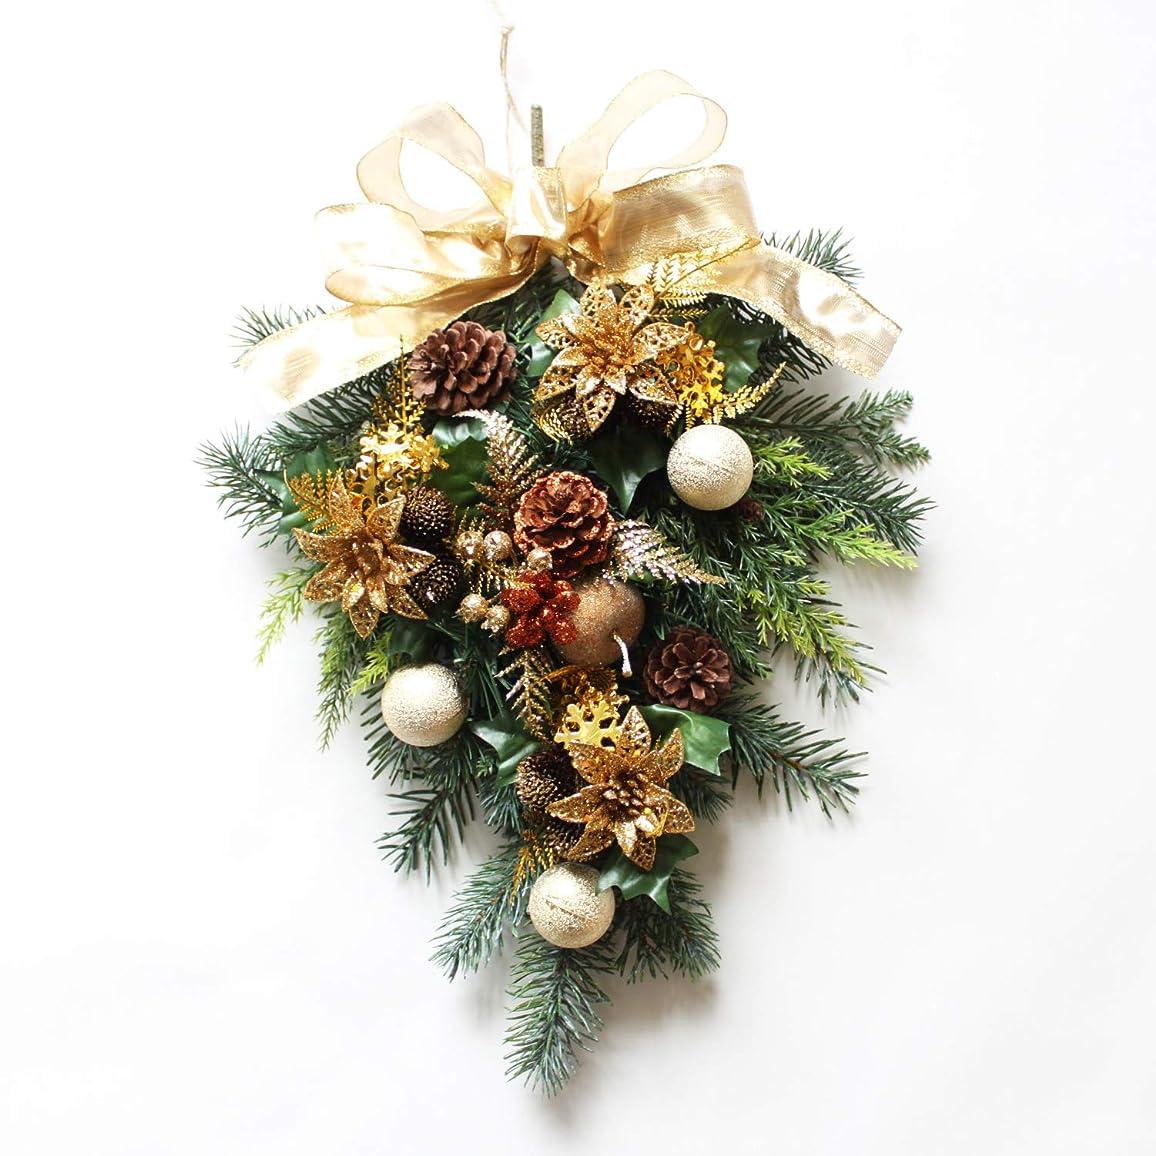 きゅうりスタジオ比較的グランドグルー クリスマスリース クリスマス飾り クリスマス玄関飾り スワッグ 造花 アーティフィッシャルフラワー 玄関飾り 壁掛け